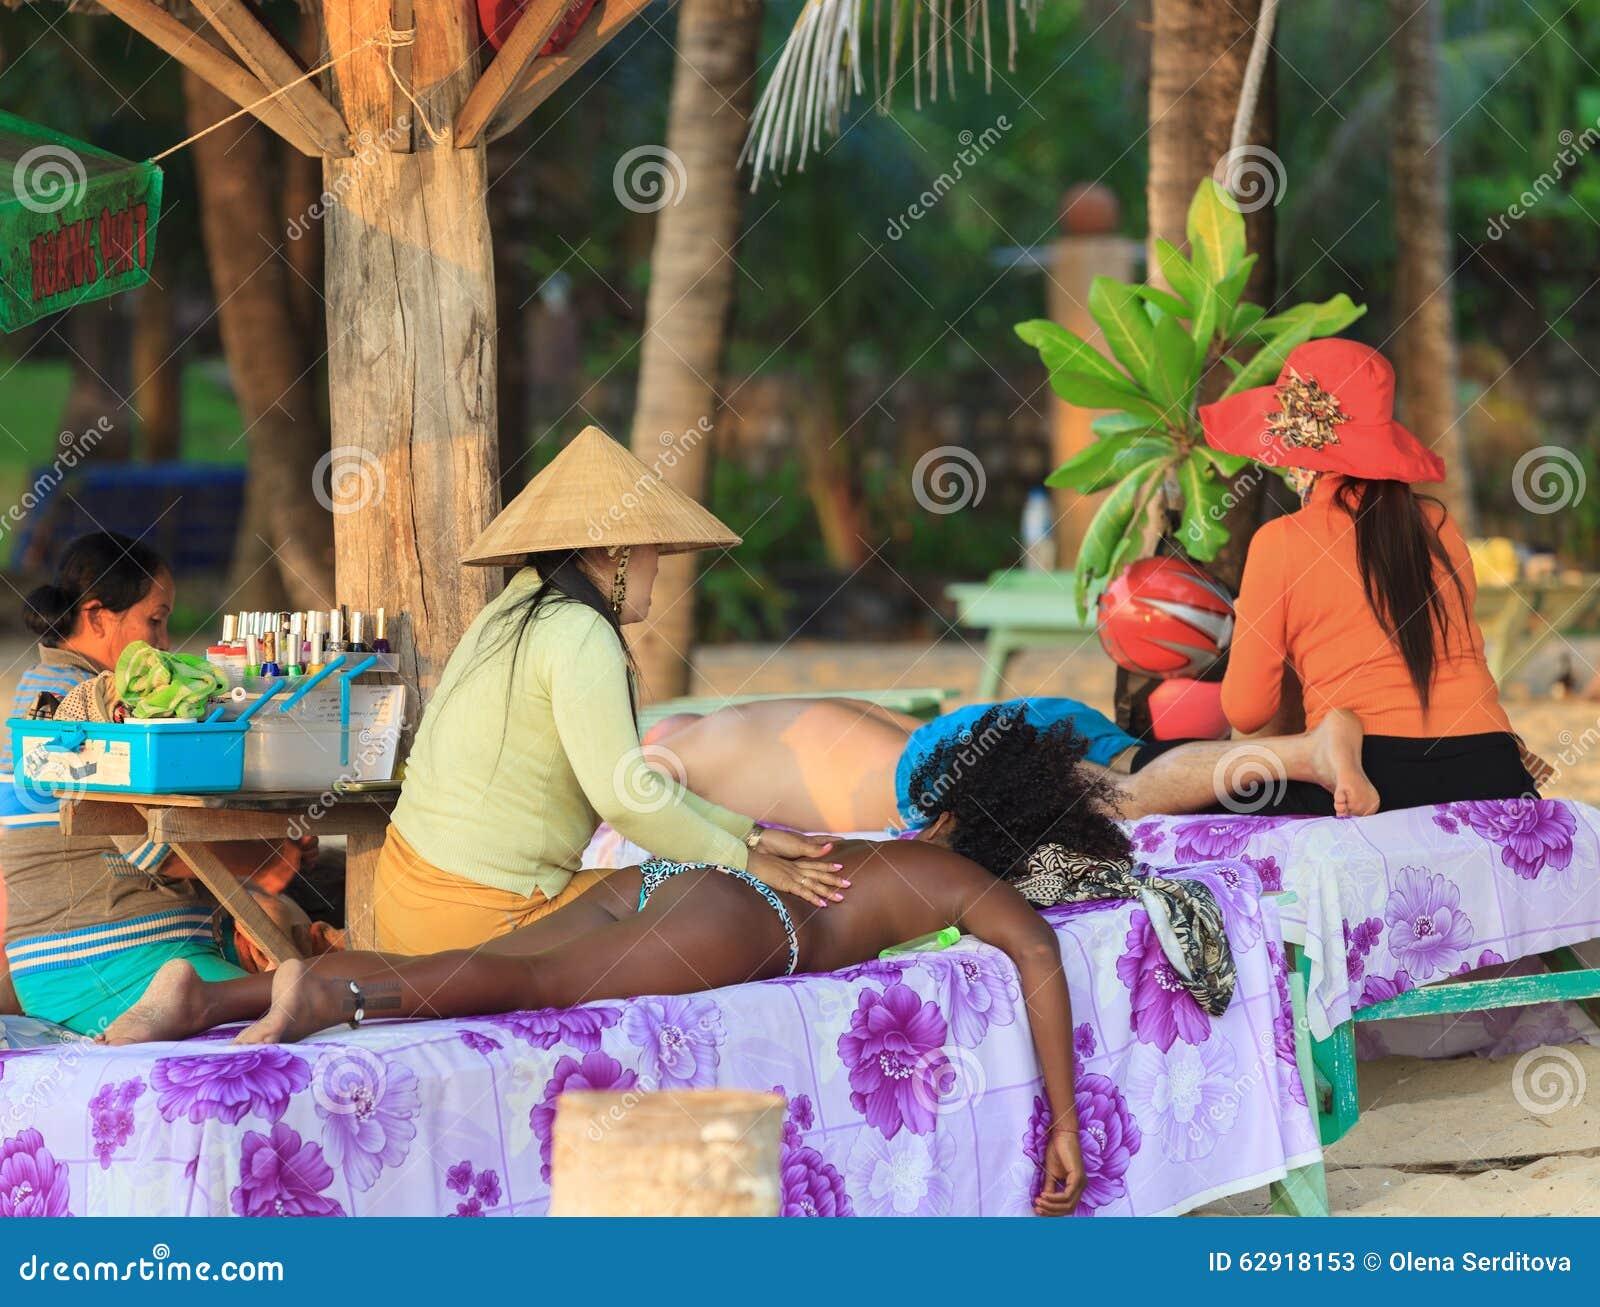 Île asiatique massagemodel blowjob@todorazor.com